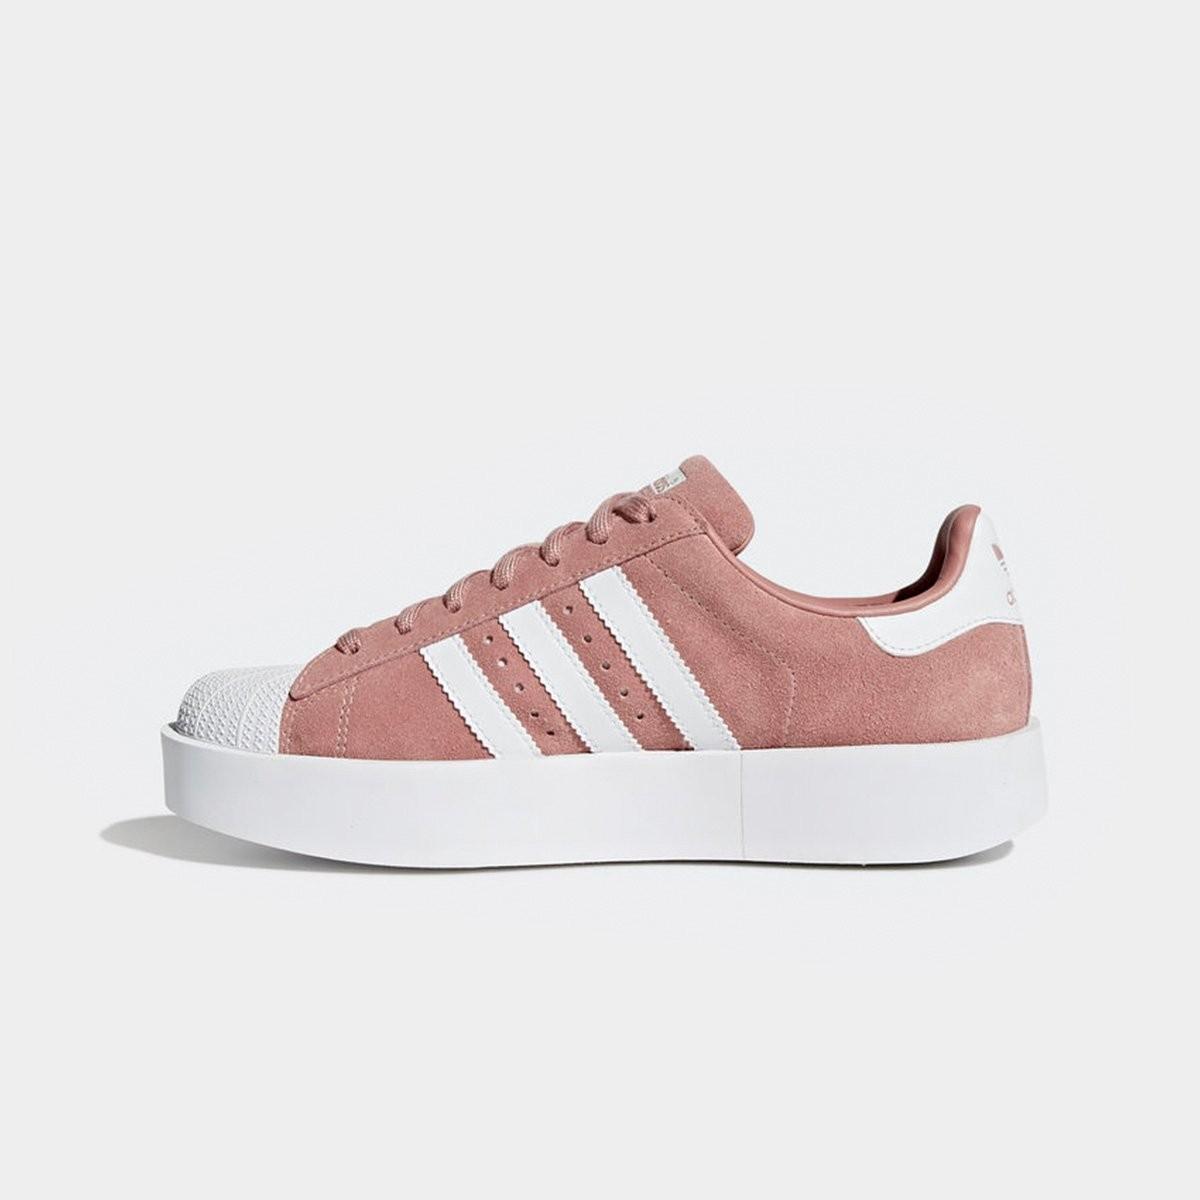 6f34ed998ef Tênis Adidas Superstar Bold Platform Feminino Rosa